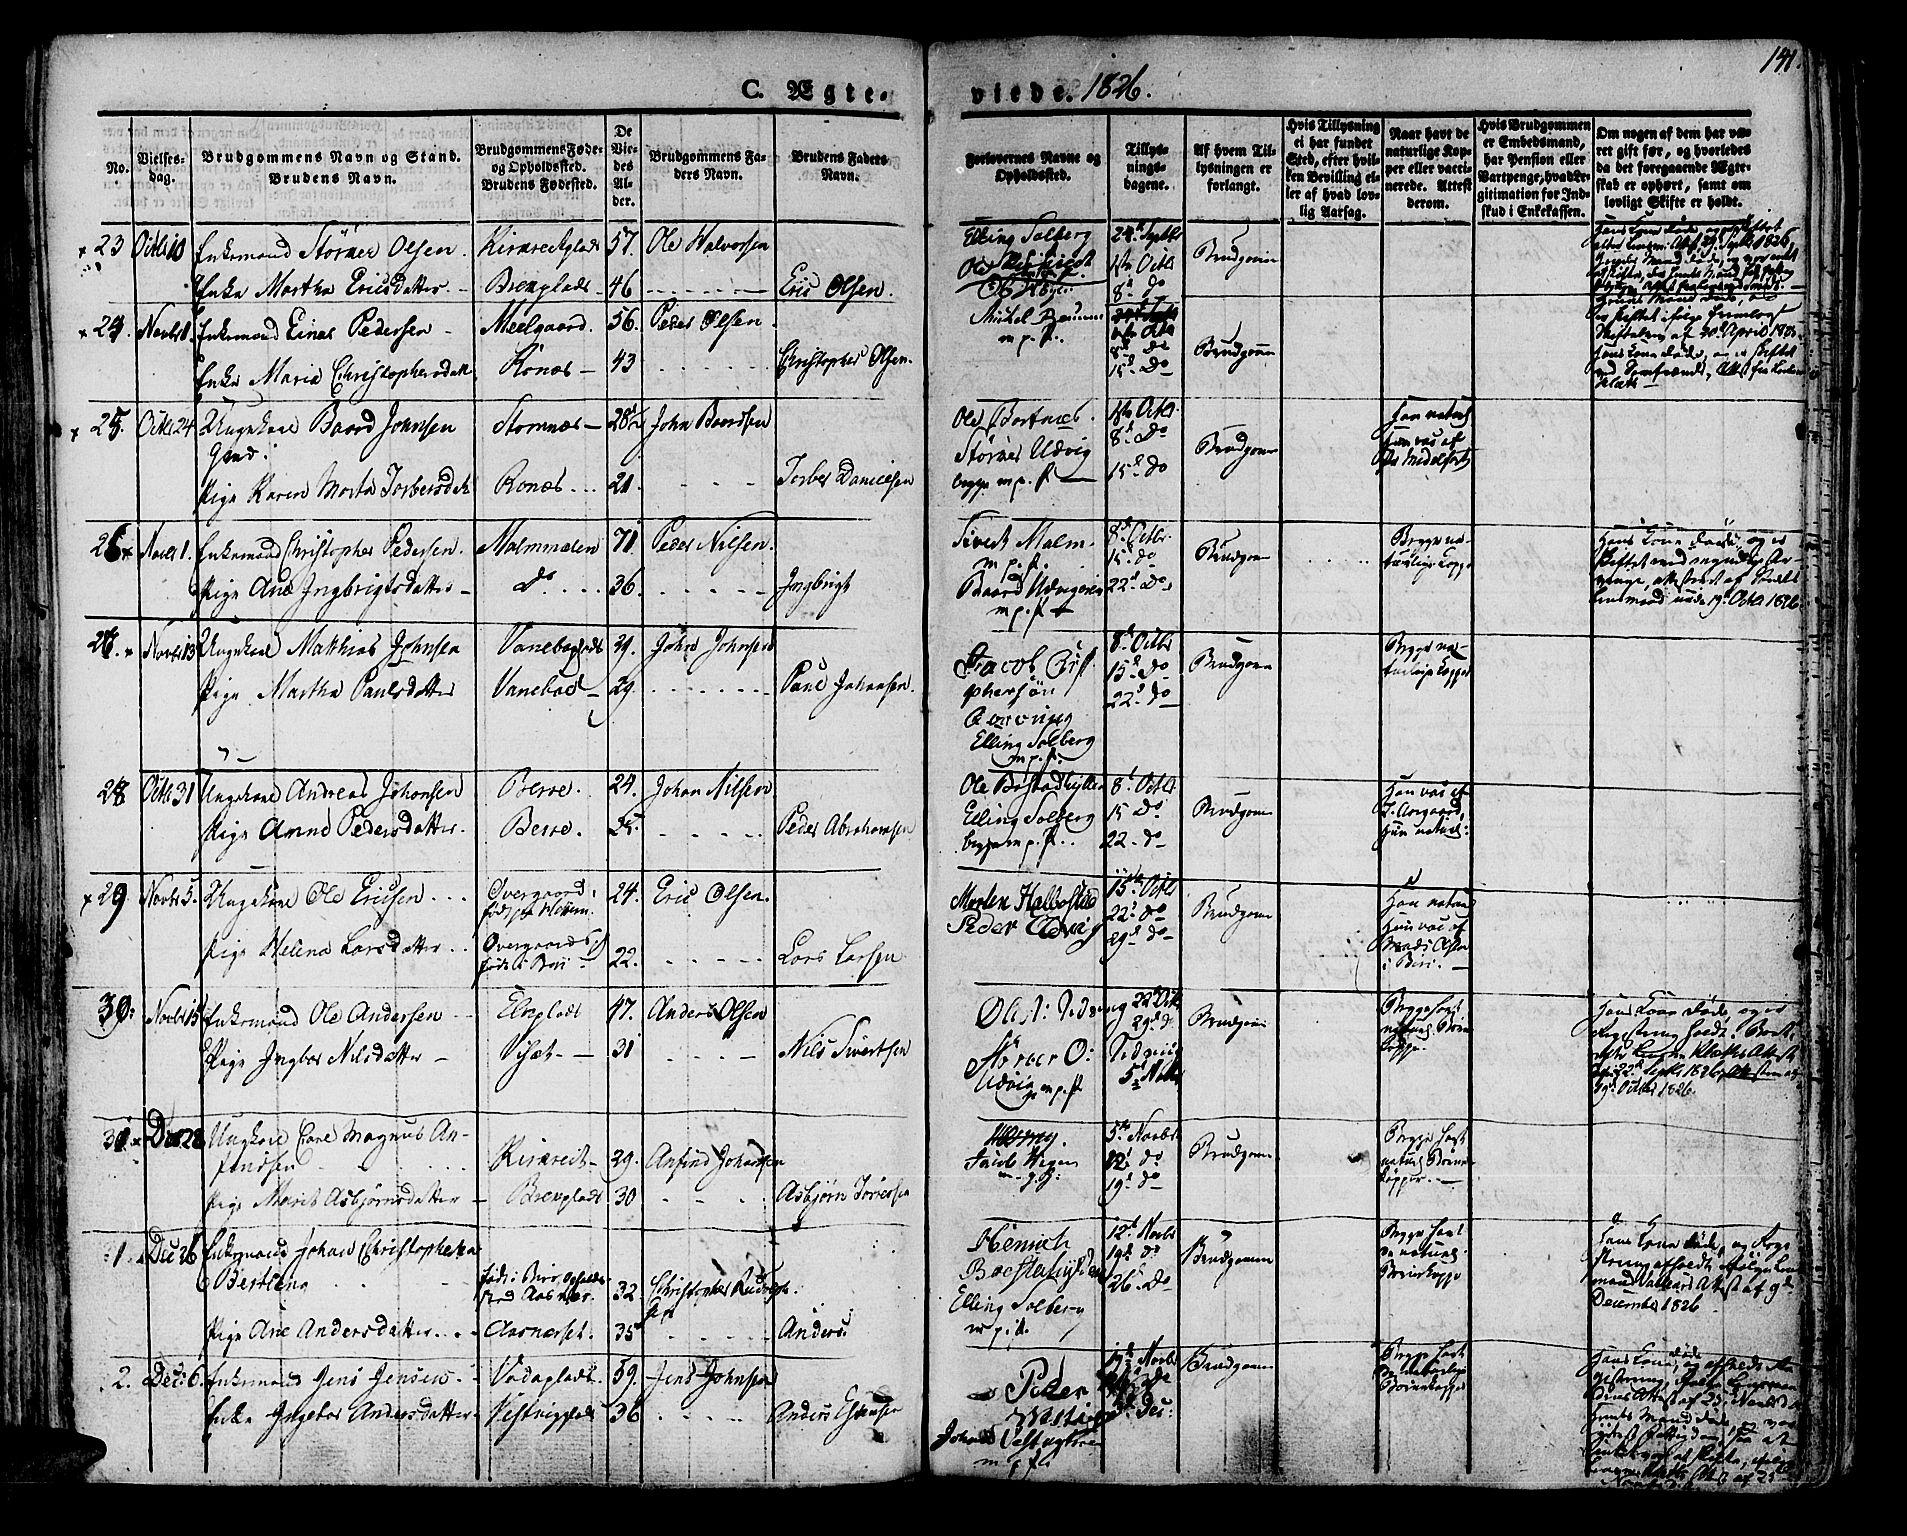 SAT, Ministerialprotokoller, klokkerbøker og fødselsregistre - Nord-Trøndelag, 741/L0390: Ministerialbok nr. 741A04, 1822-1836, s. 141